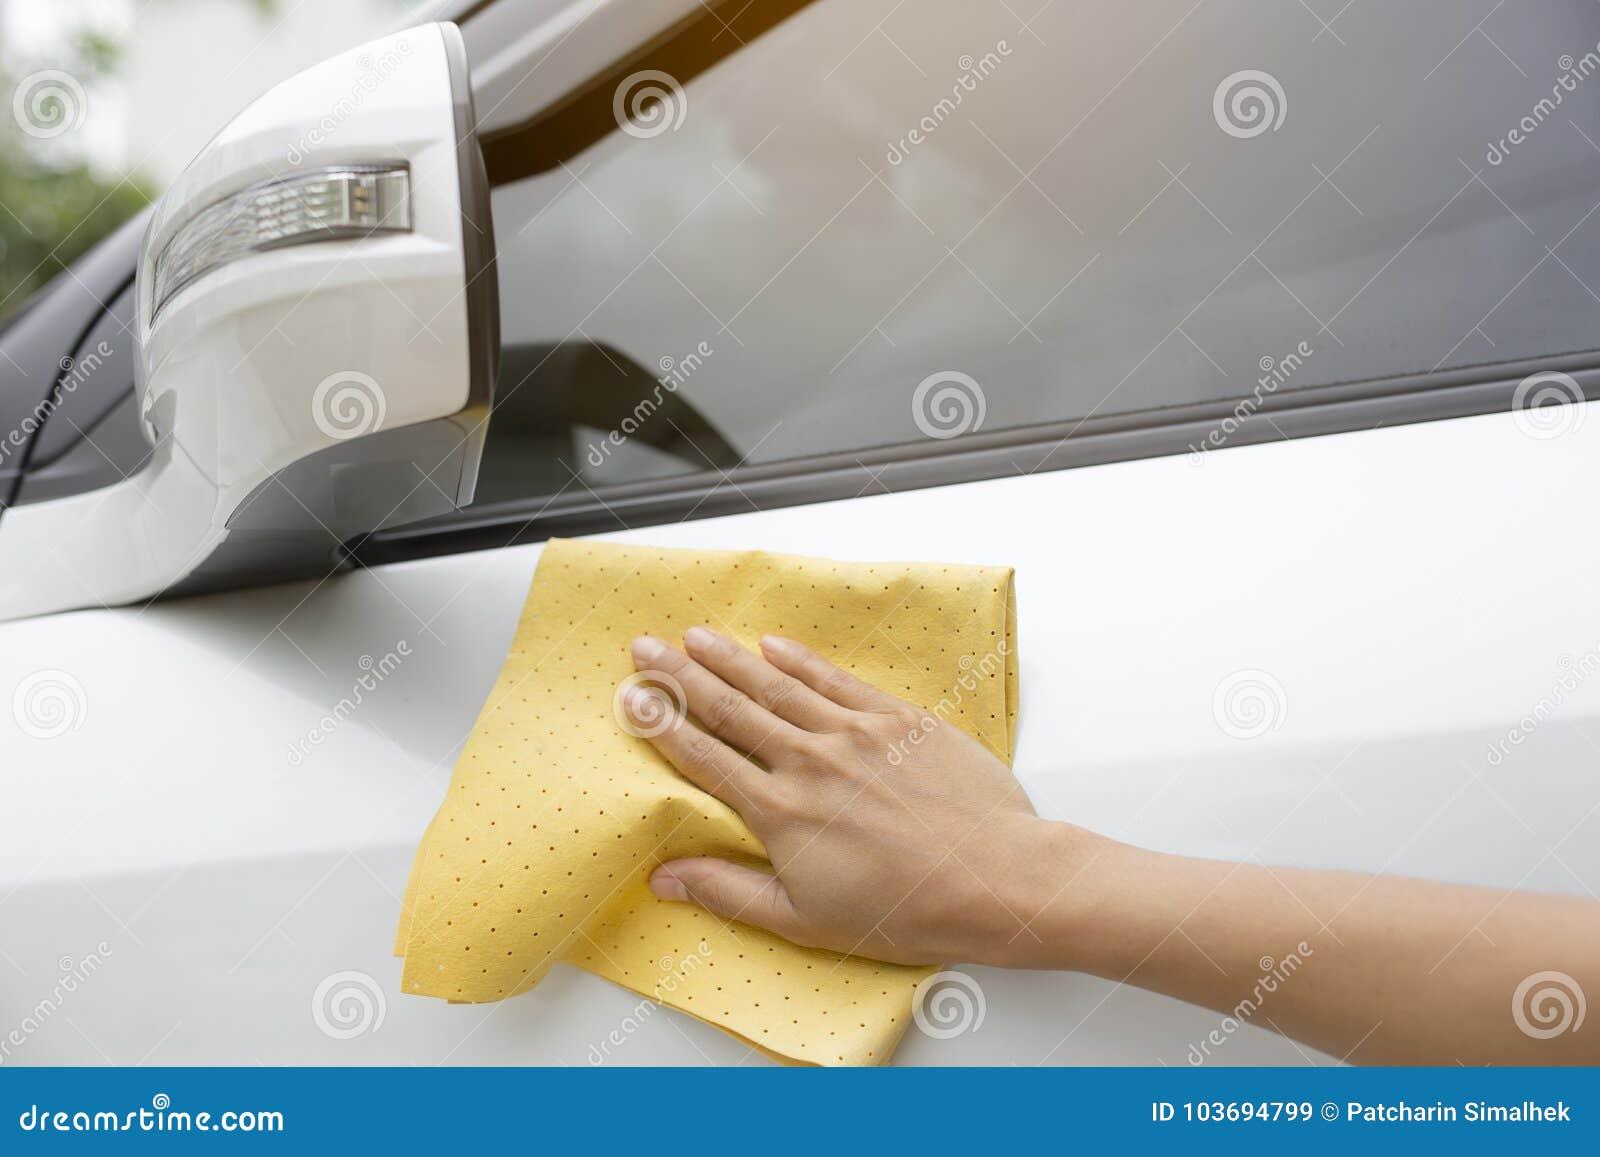 Dit beeld is een beeld van het afvegen van de auto met een gele microfiberdoek door handen